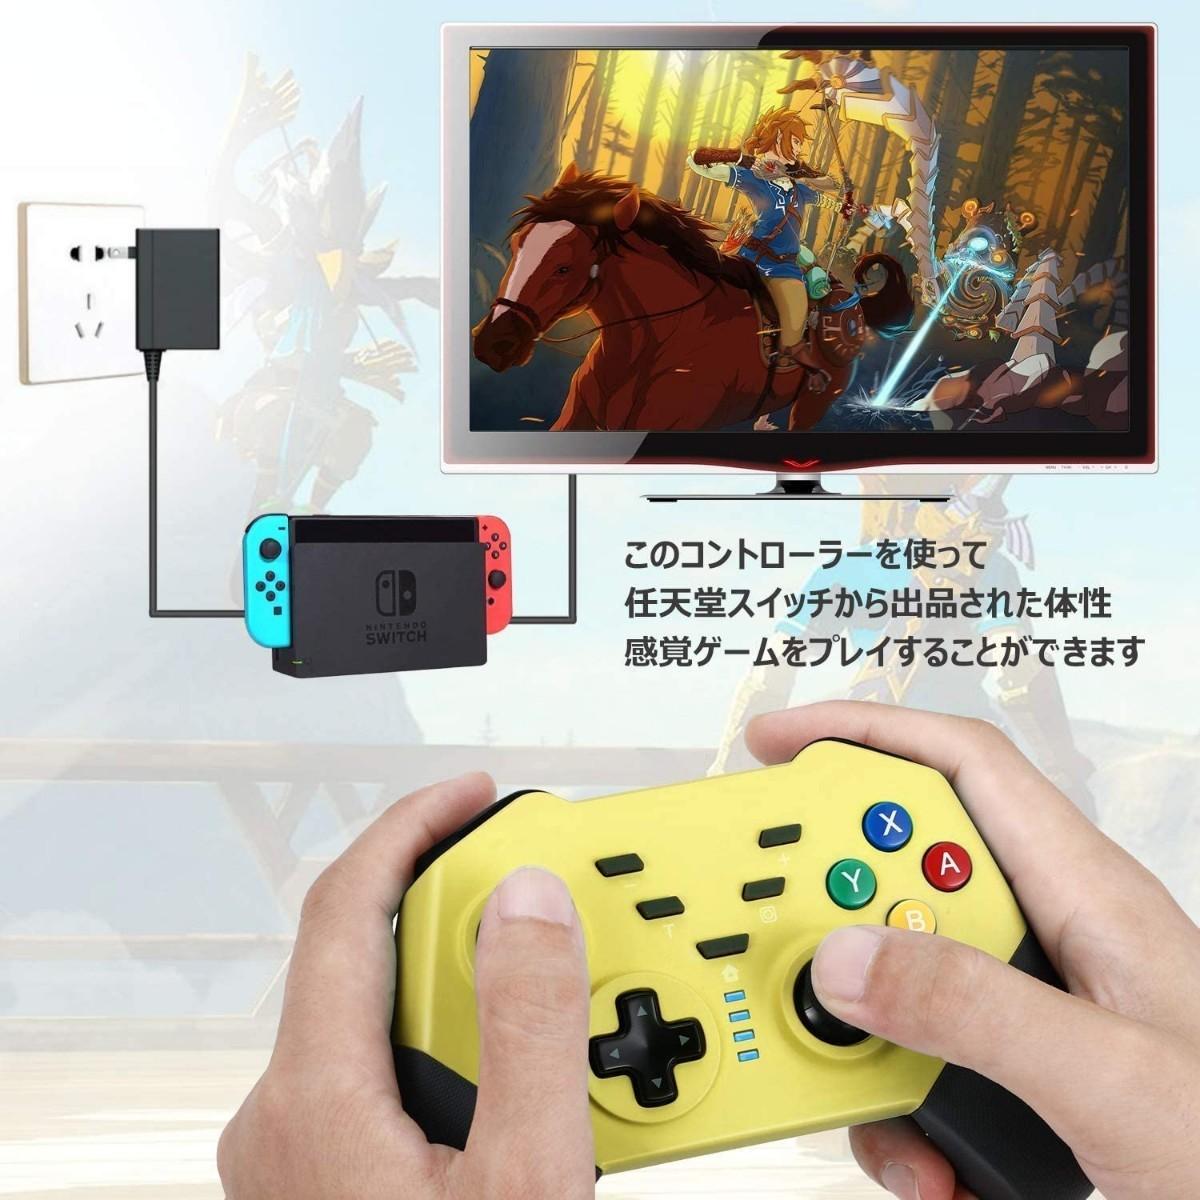 Nintendo  Switch ワイヤレスコントローラー ピカチュウカラー